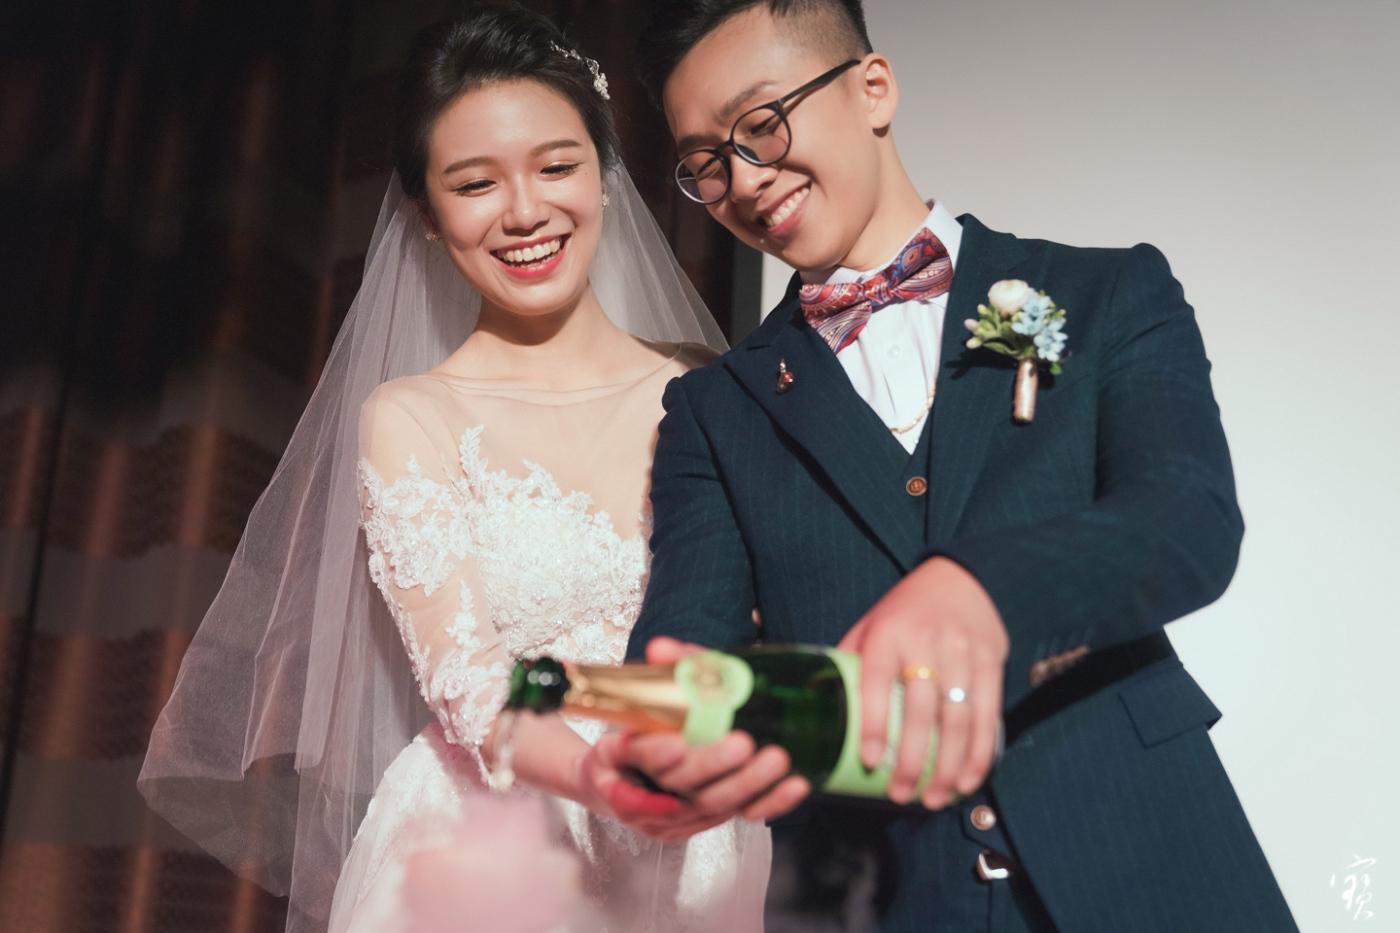 婚禮攝影 婚紗 大直 典華 冬半影像 攝影師大寶 北部攝影 台北攝影 桃園攝影 新竹攝影20181208-363